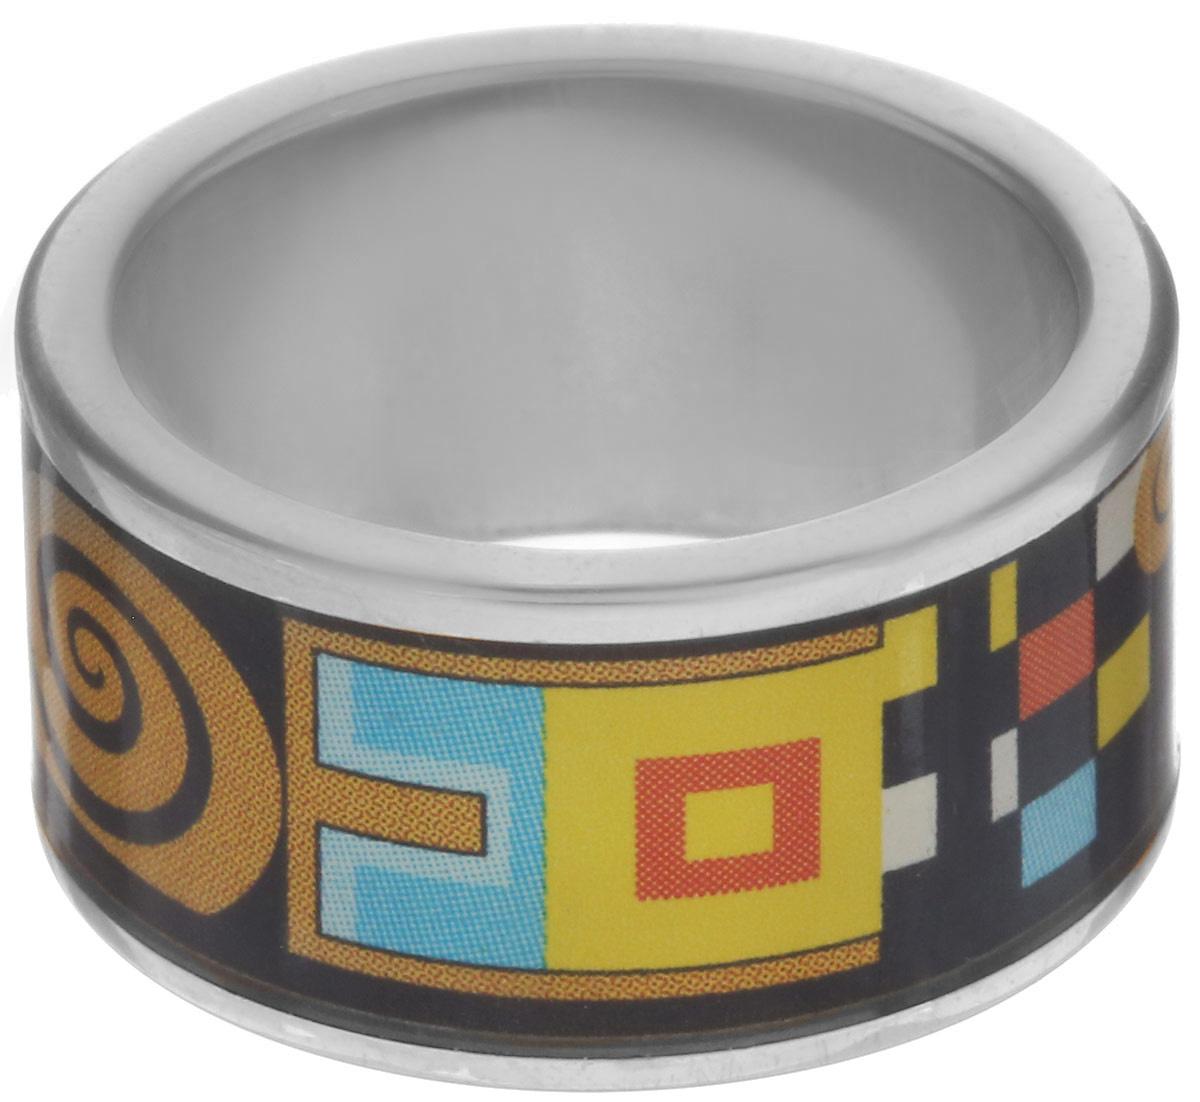 Кольцо Art-Silver, цвет: серебристый, черный, горчичный. ФК110-1-320. Размер 18,5ФК110-1-320Стильное кольцо Art-Silver изготовлено из бижутерного сплава. Изделие оформлено оригинальным принтом и покрыто эмалью. Стильное кольцо придаст вашему образу изюминку и подчеркнет индивидуальность.